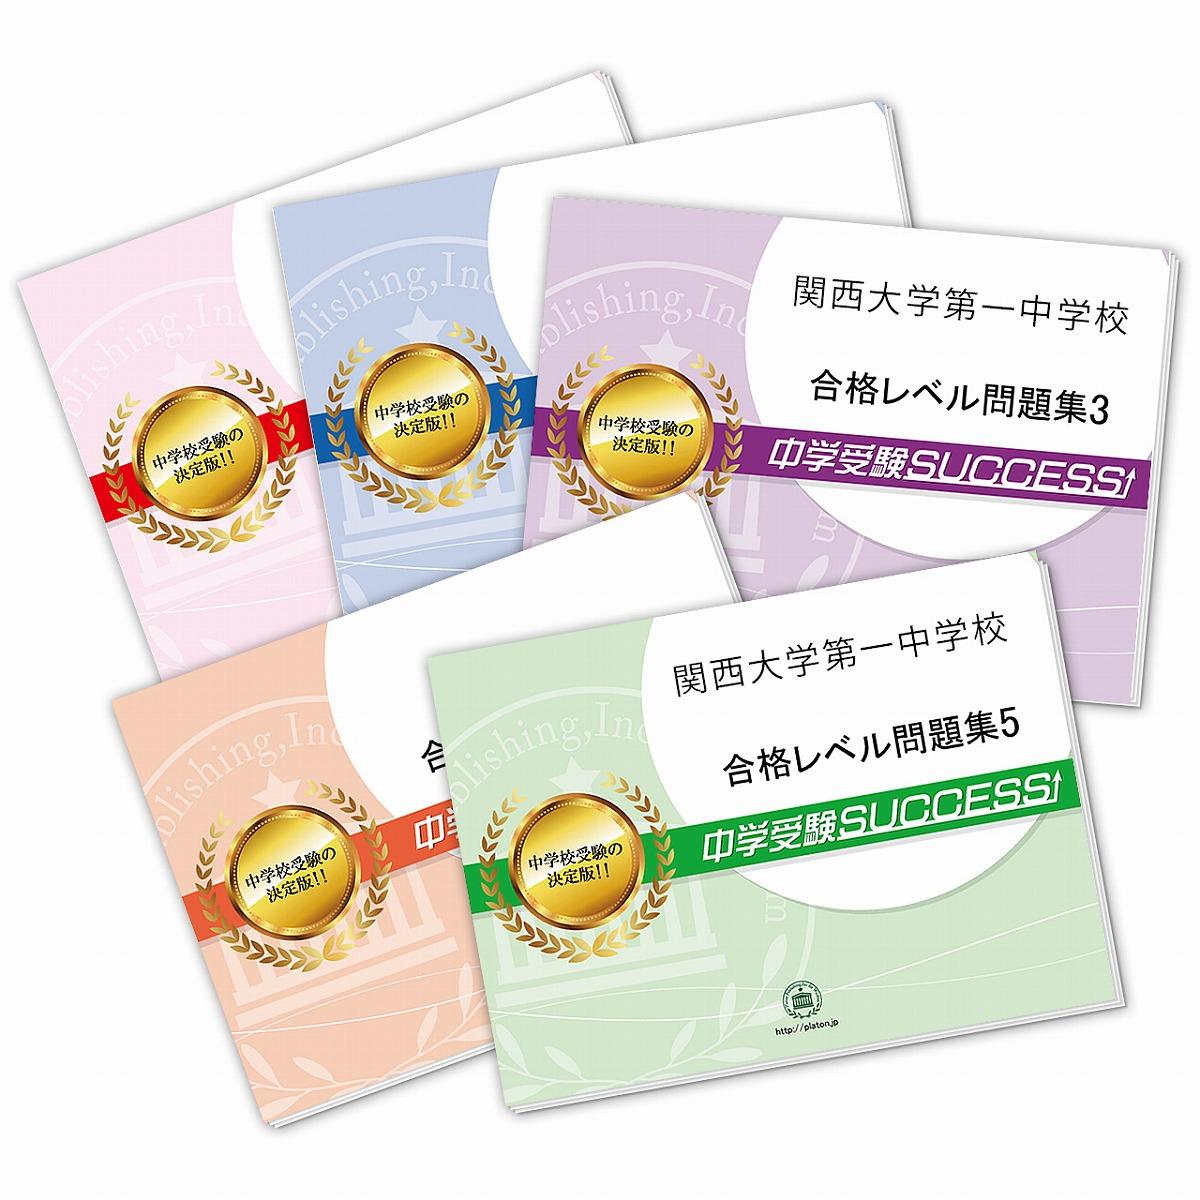 【送料・代引手数料無料】関西大学第一中学校・直前対策合格セット(5冊)